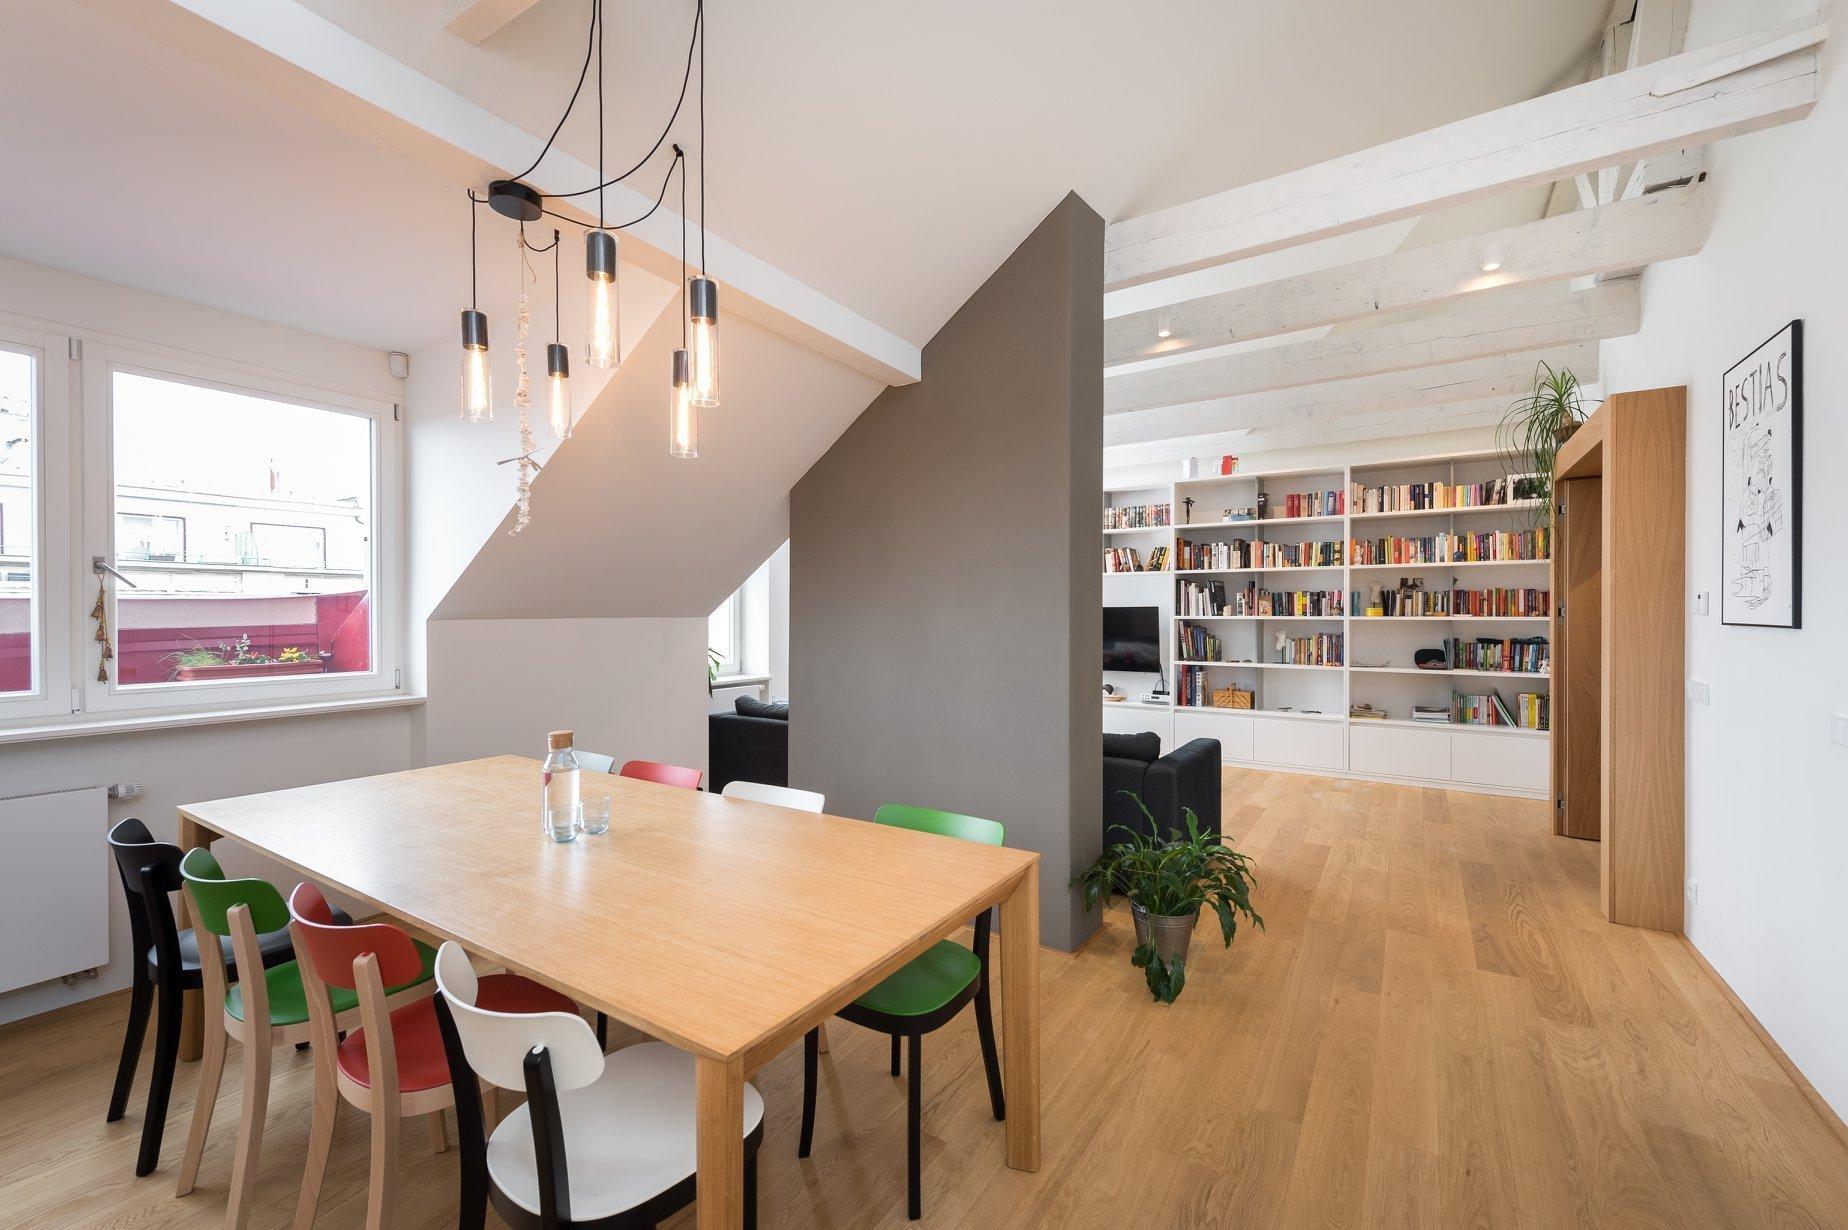 Pražský činžovní dům z počátku 20. století v sobě ukrývá velkoryse pojatý byt s dostatkem soukromí pro každého. Čtyřčlenné rodině spolu se psí slečnou se tu dostalo domova plného prostoru a světla, ale i moderního designu.